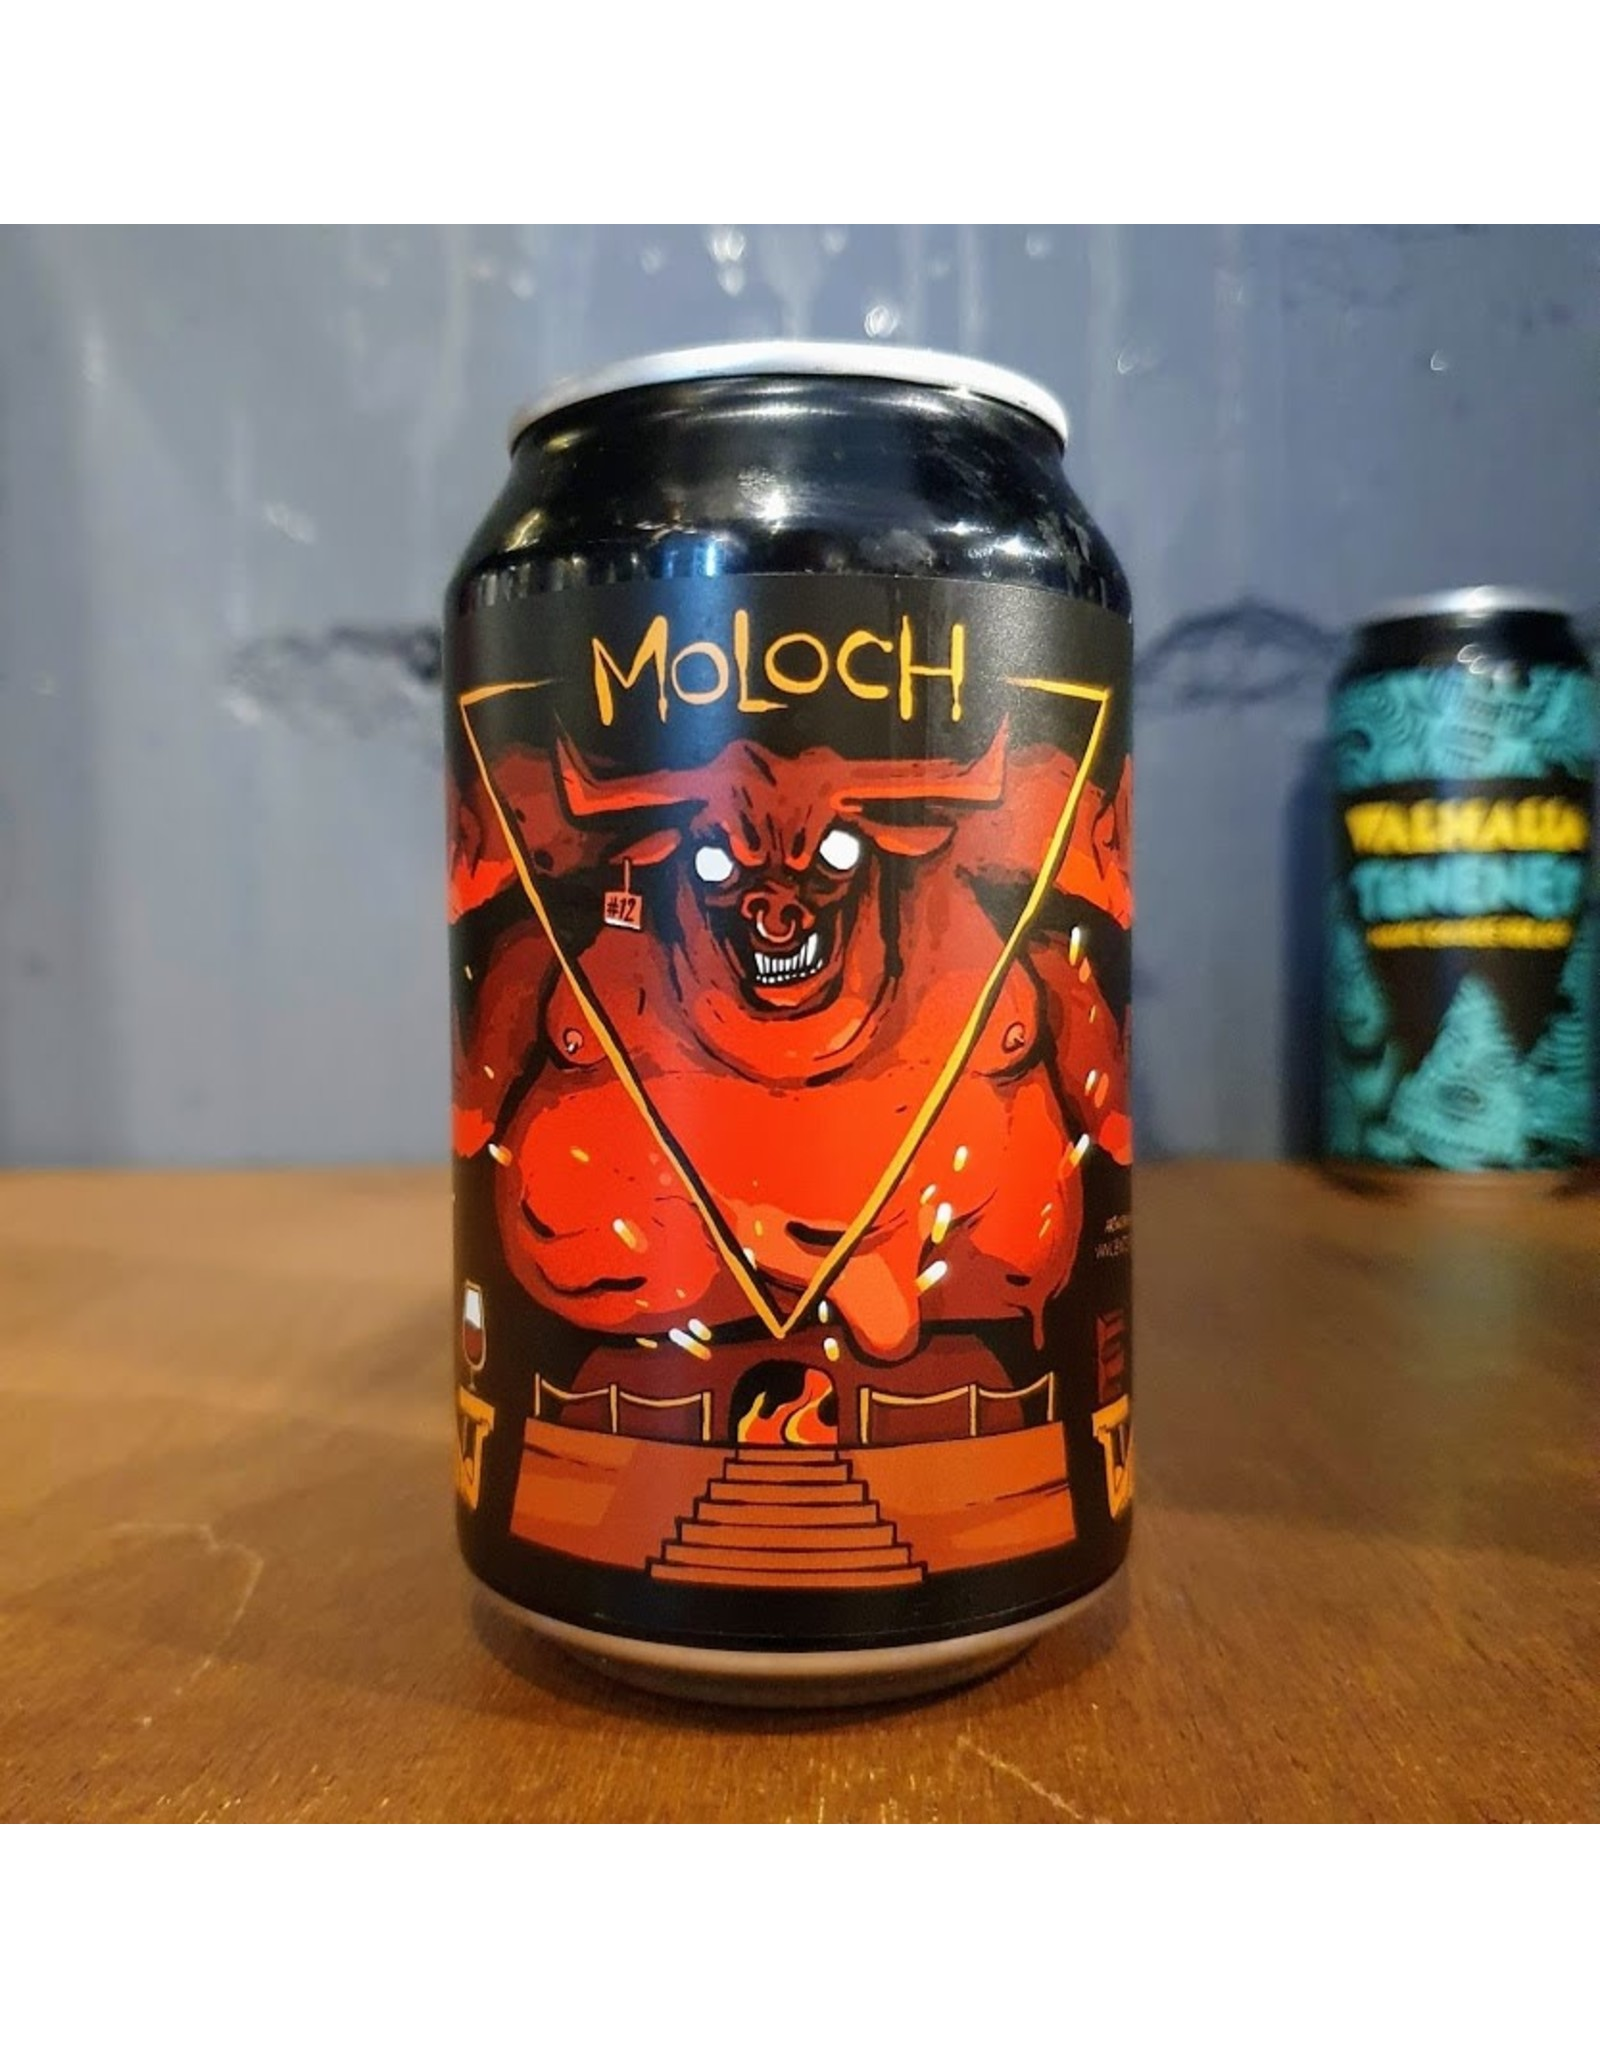 Walhalla: Daemon #12 Moloch